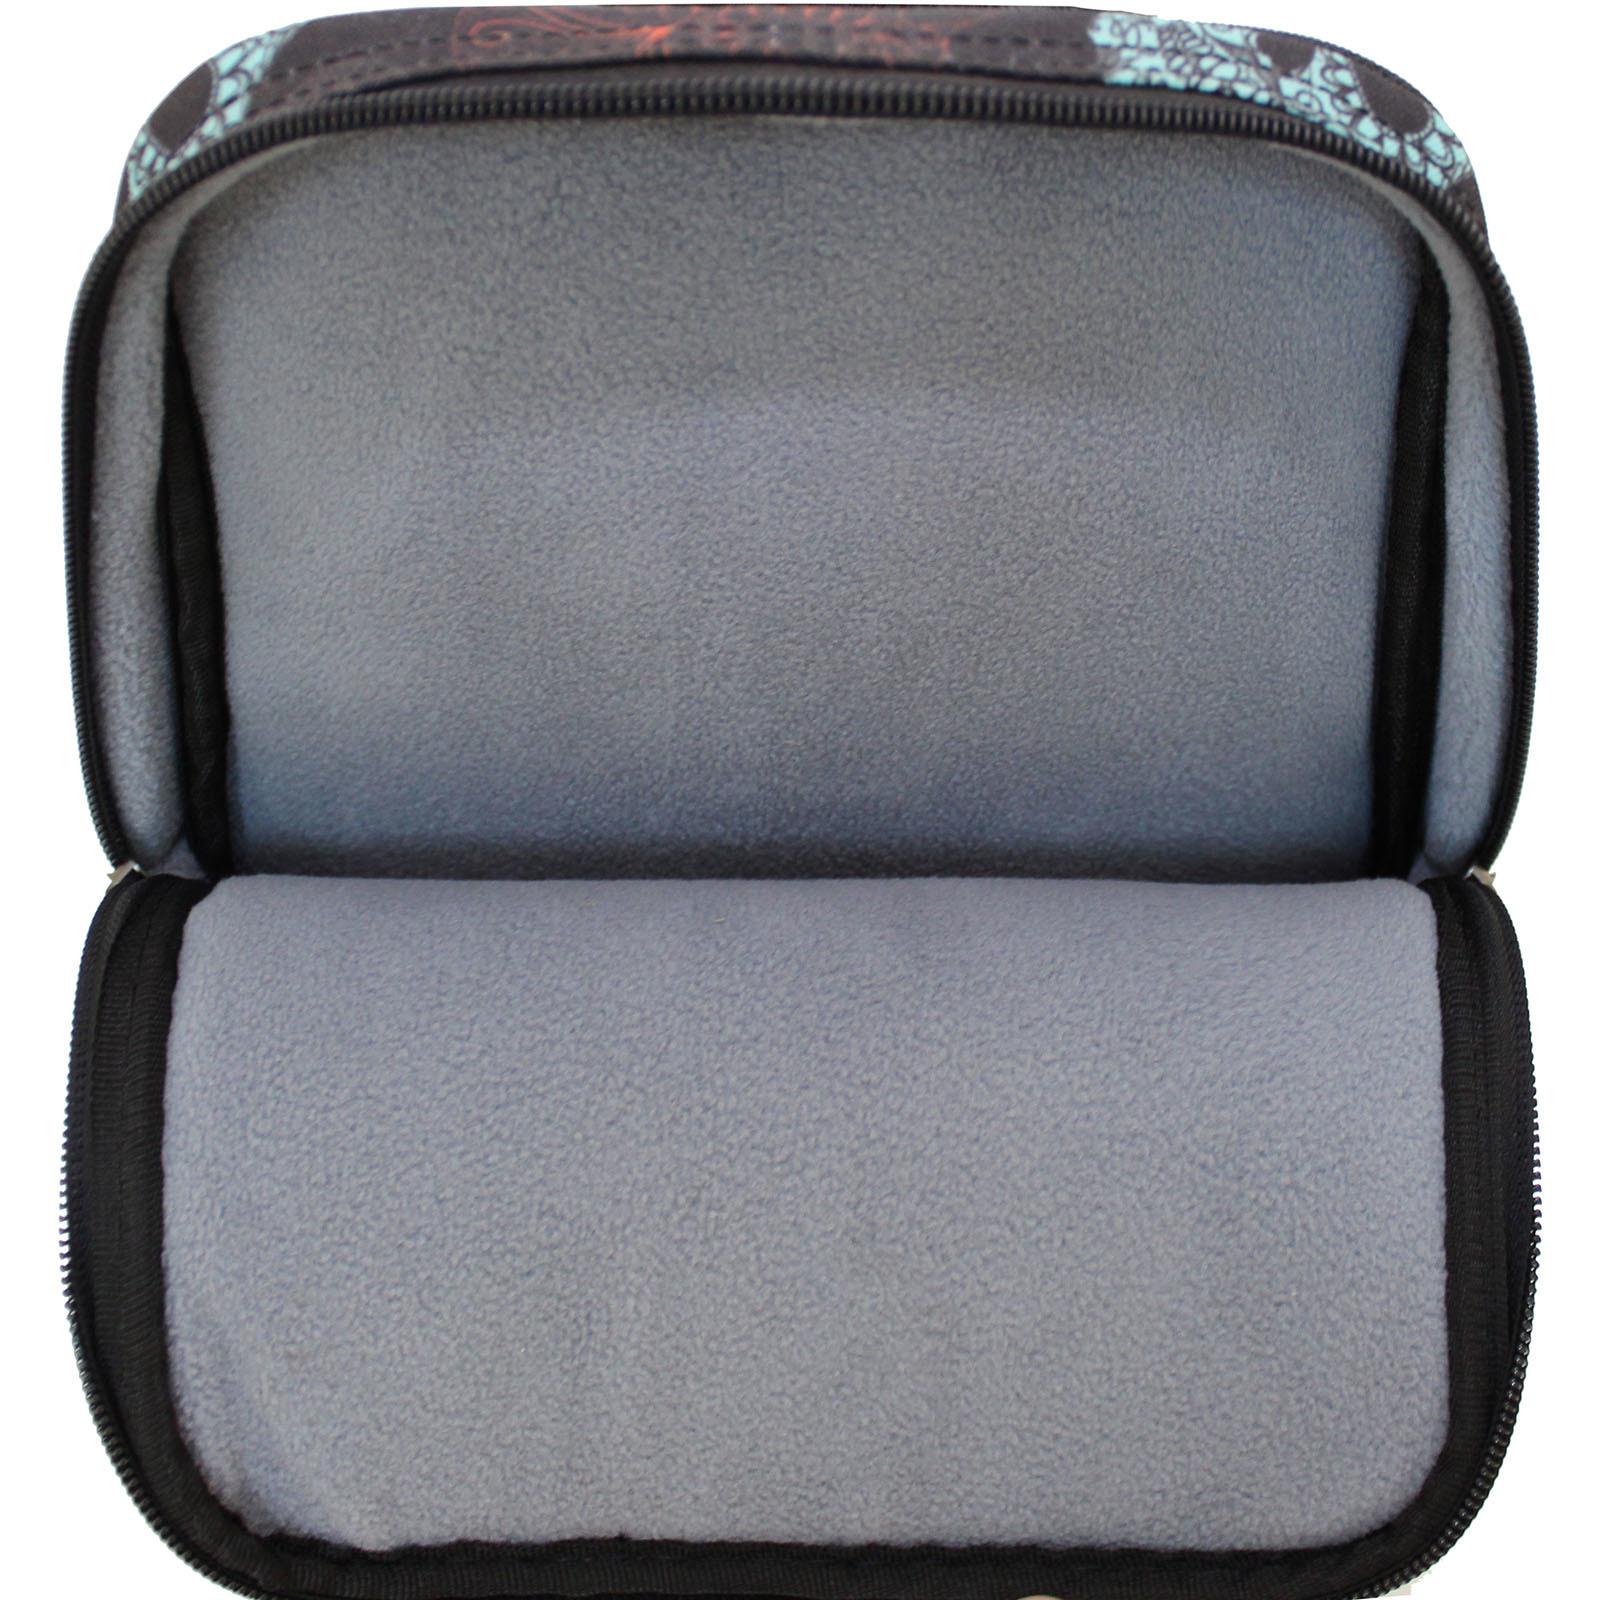 Рюкзак Bagland под планшет 2 л. сублимация 106 (00509664)